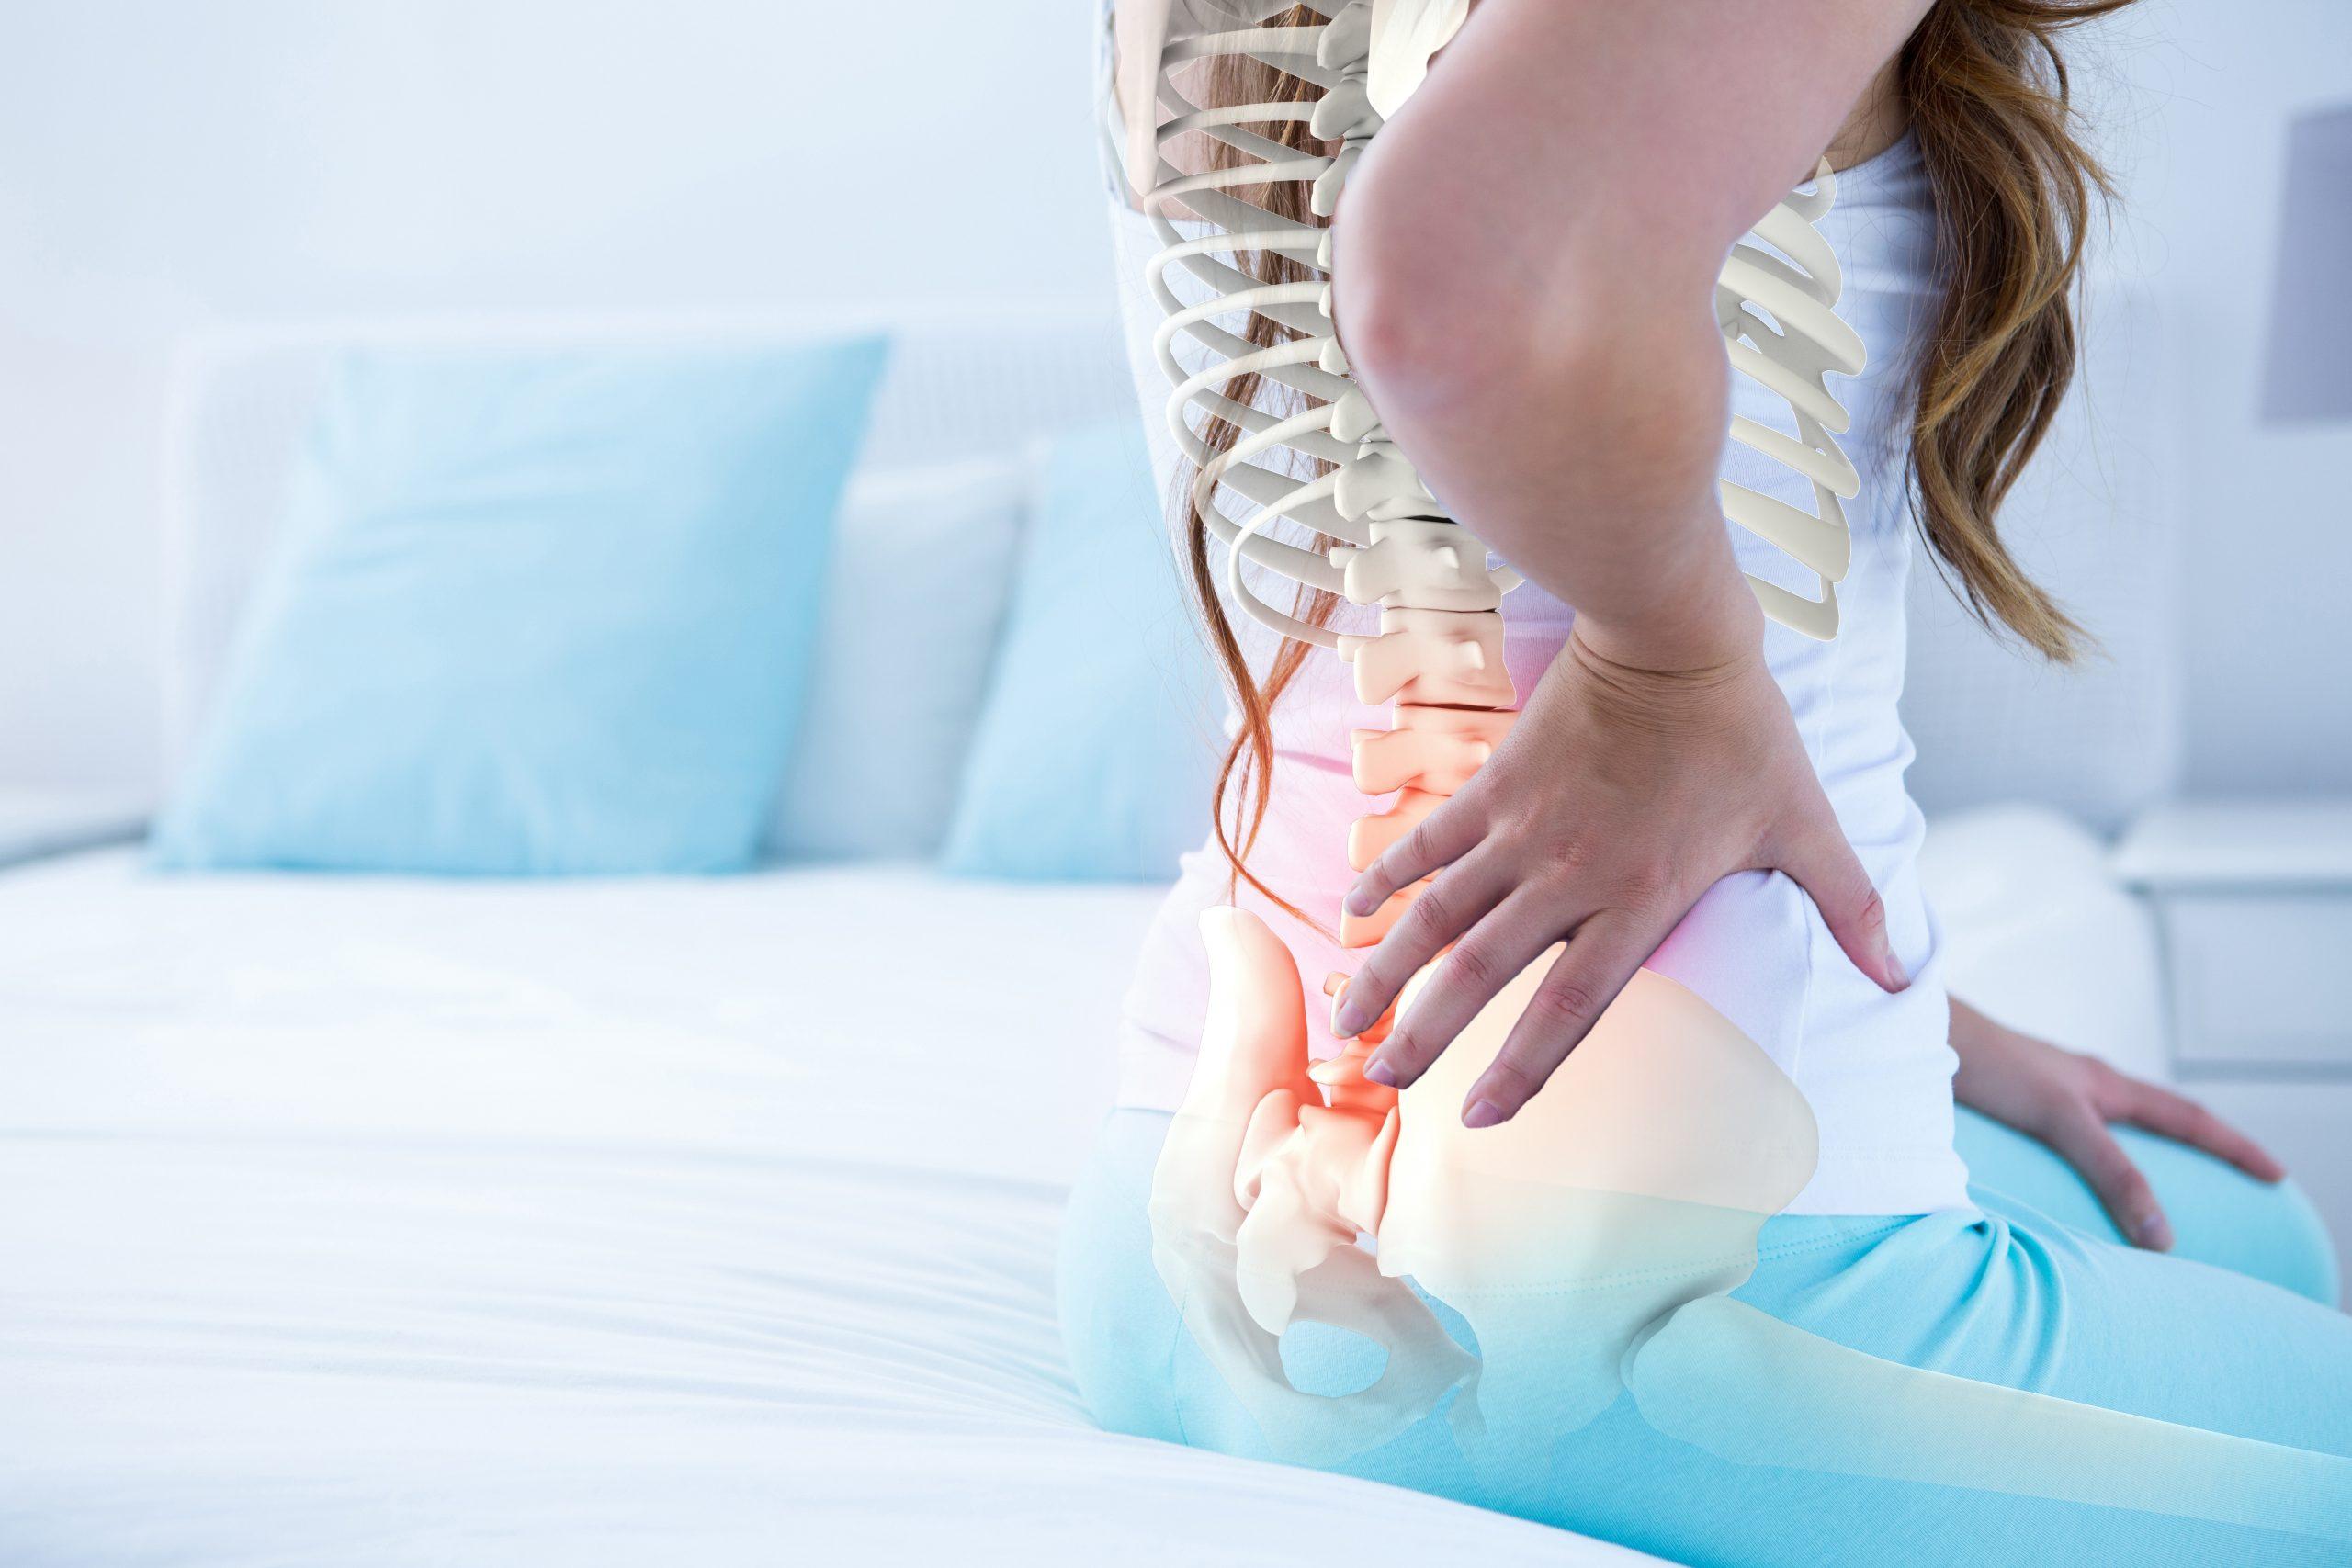 Foto einer sitzenden Frau, die offensichtlich Schmerzen im unteren RÜckenbereich hat